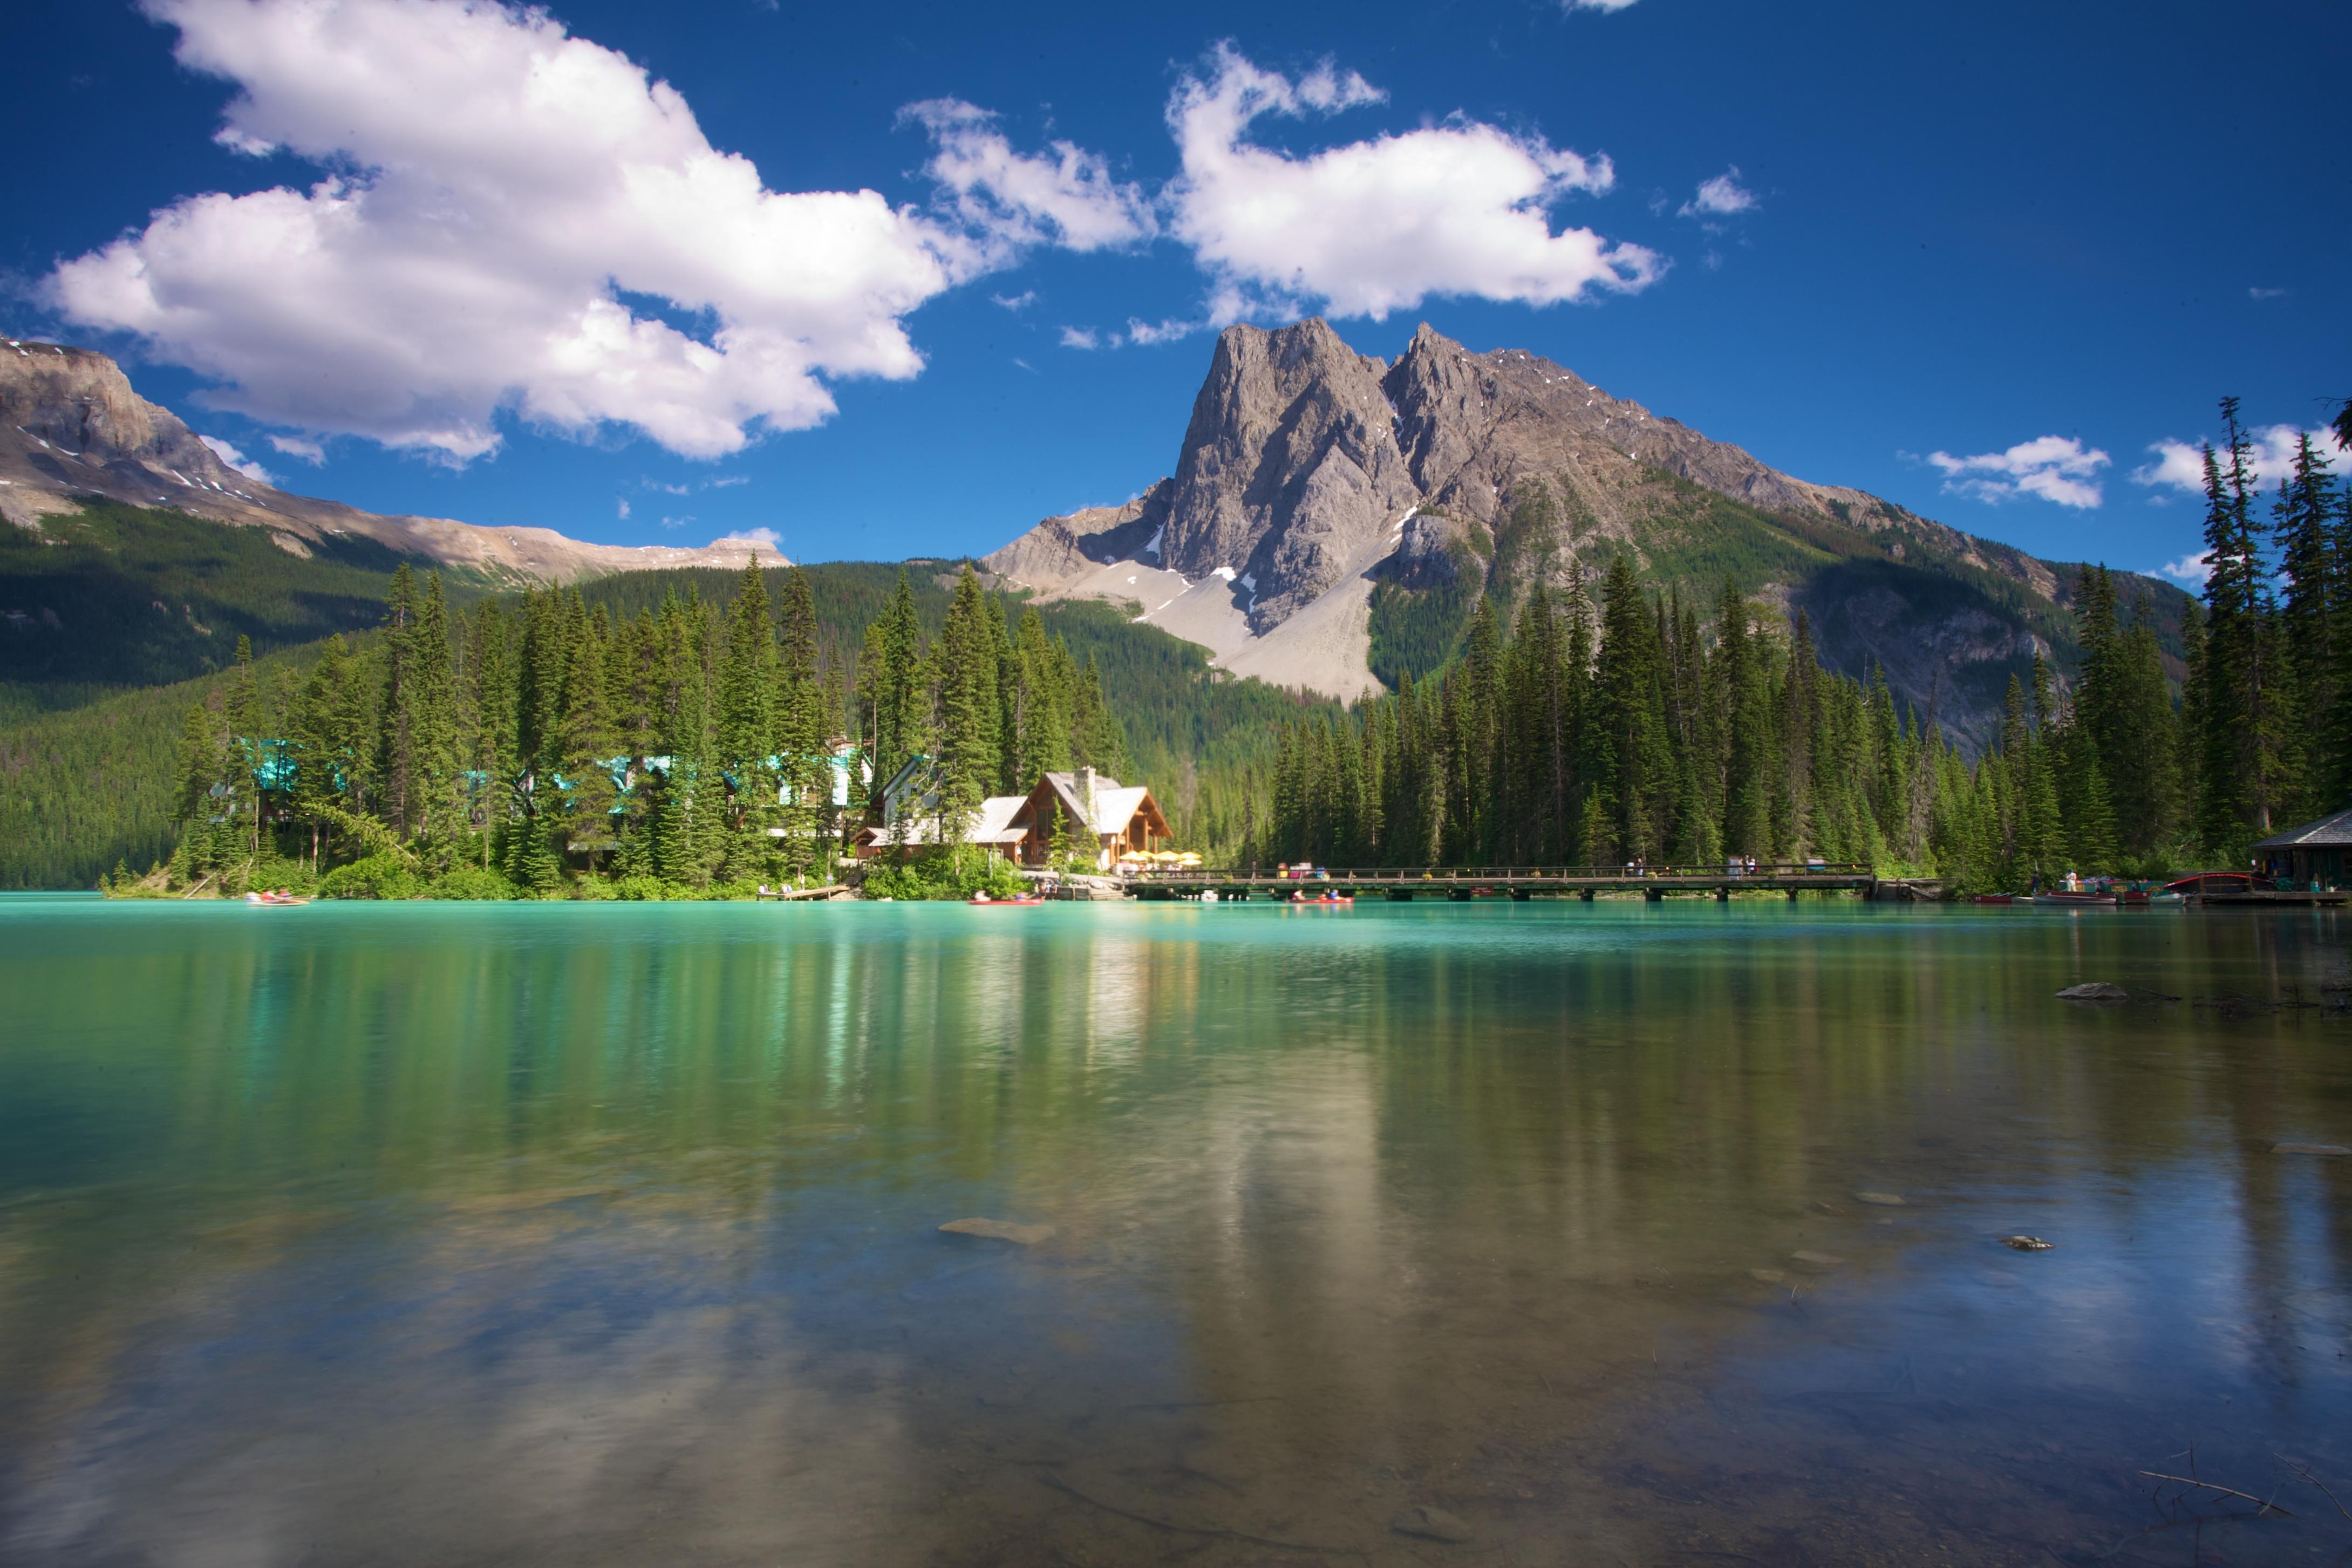 une liste de voyages à faire sans emerald lake est impossible